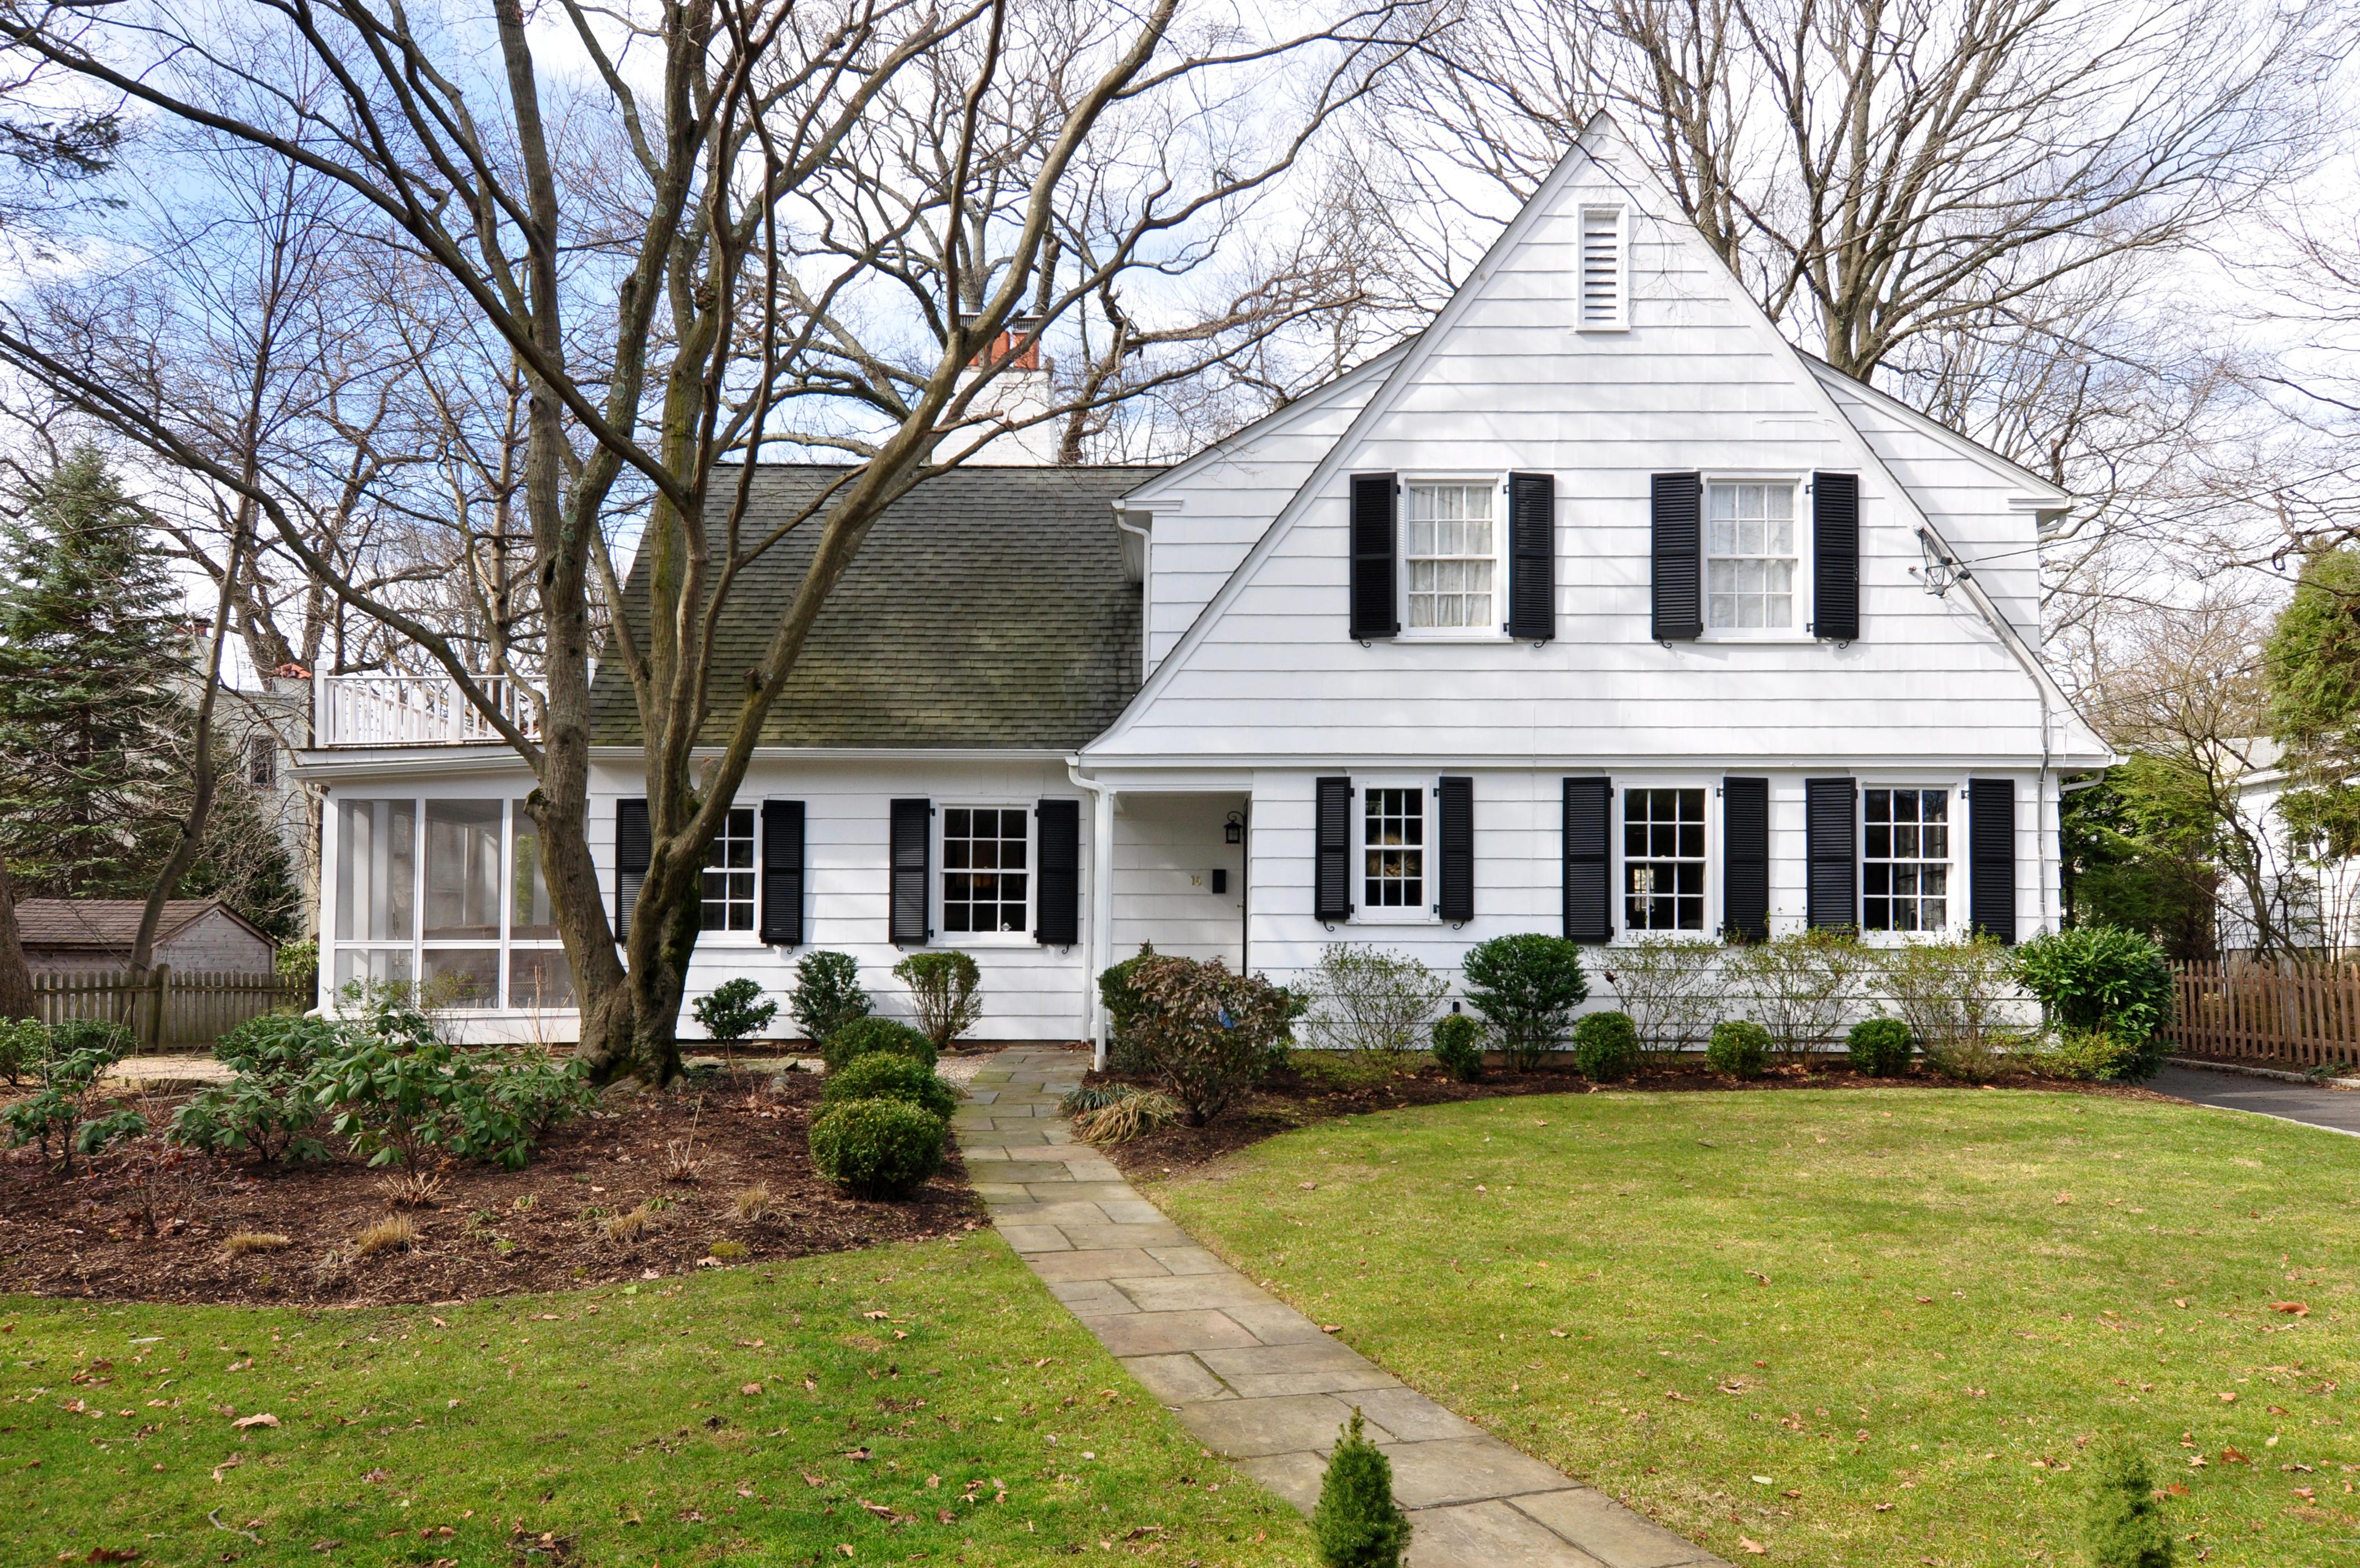 独户住宅 为 销售 在 Stunning Colonial Farmhouse 16 Burkewood Road 芒特弗农, 纽约州, 10552 美国